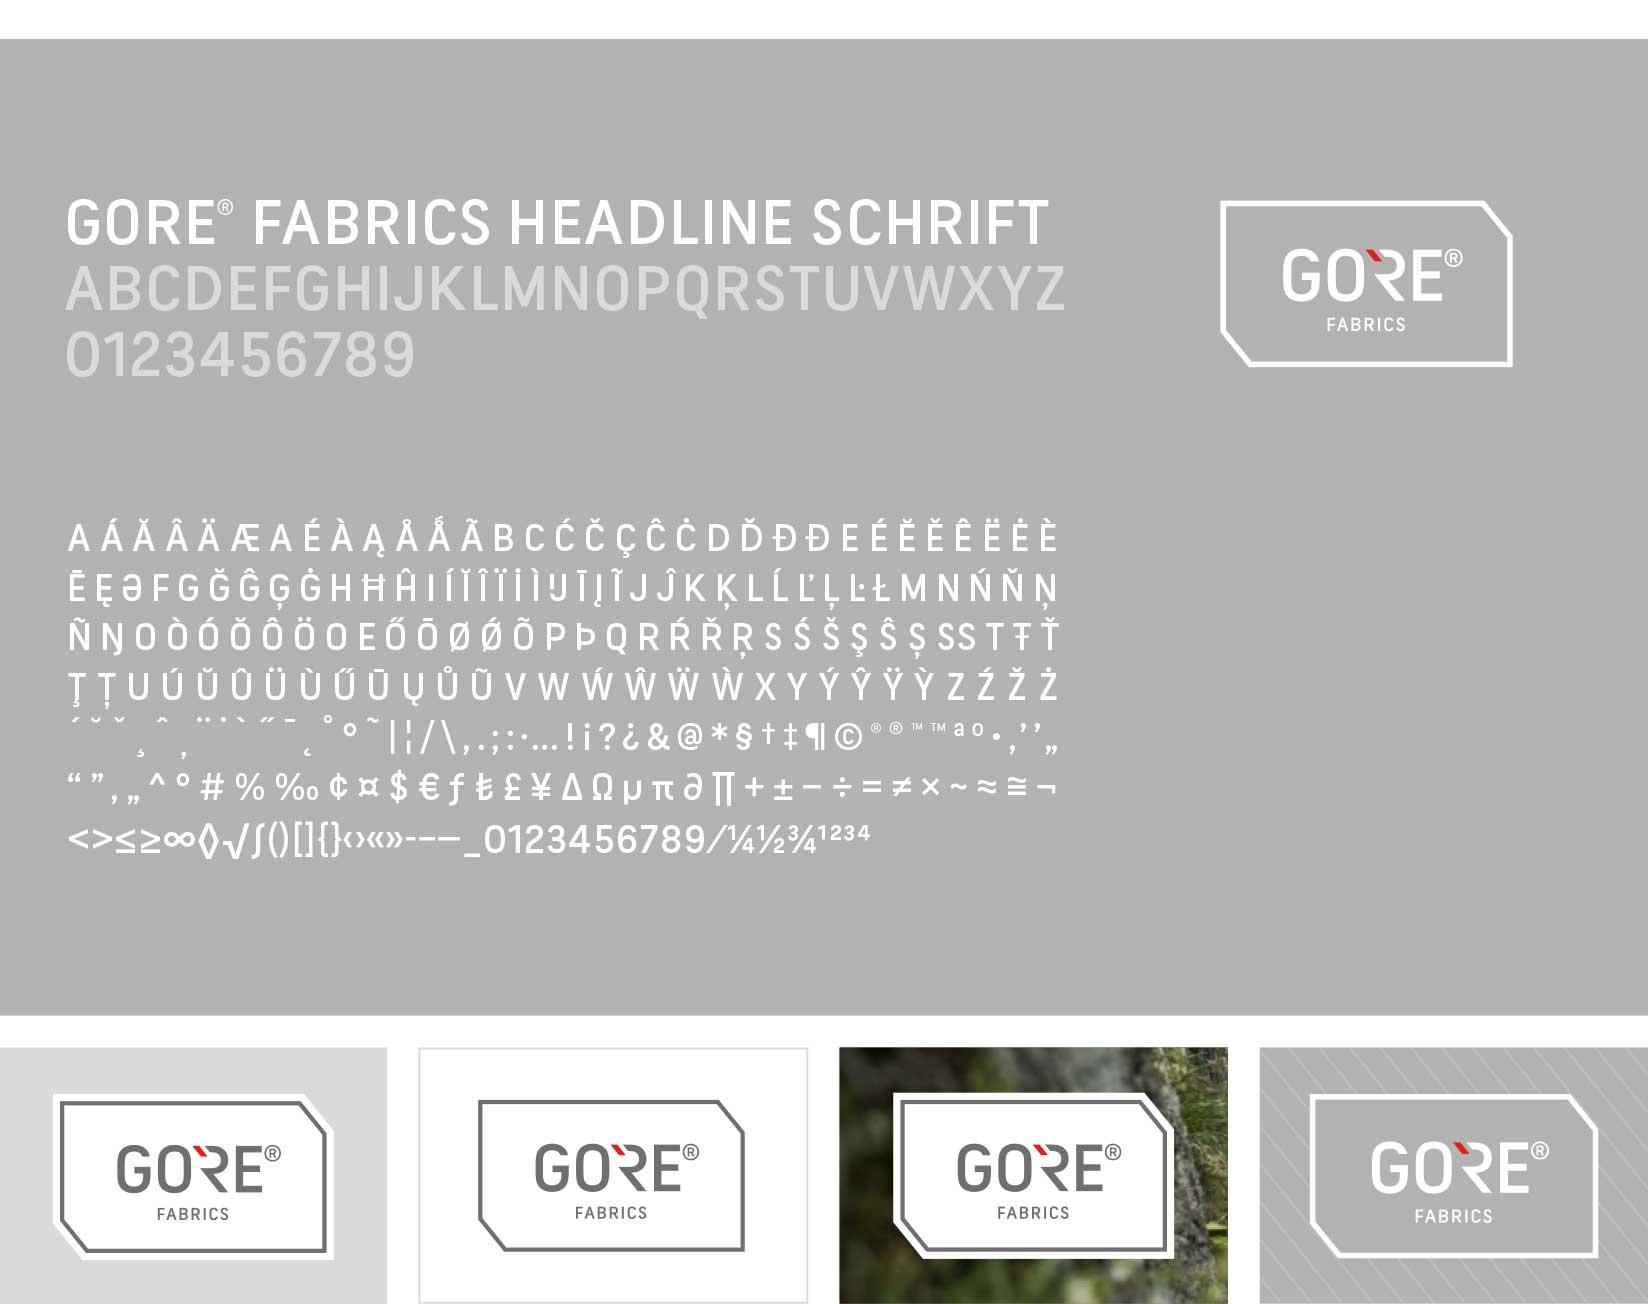 minigram_gore-tex_gore-fabrics-brand_21